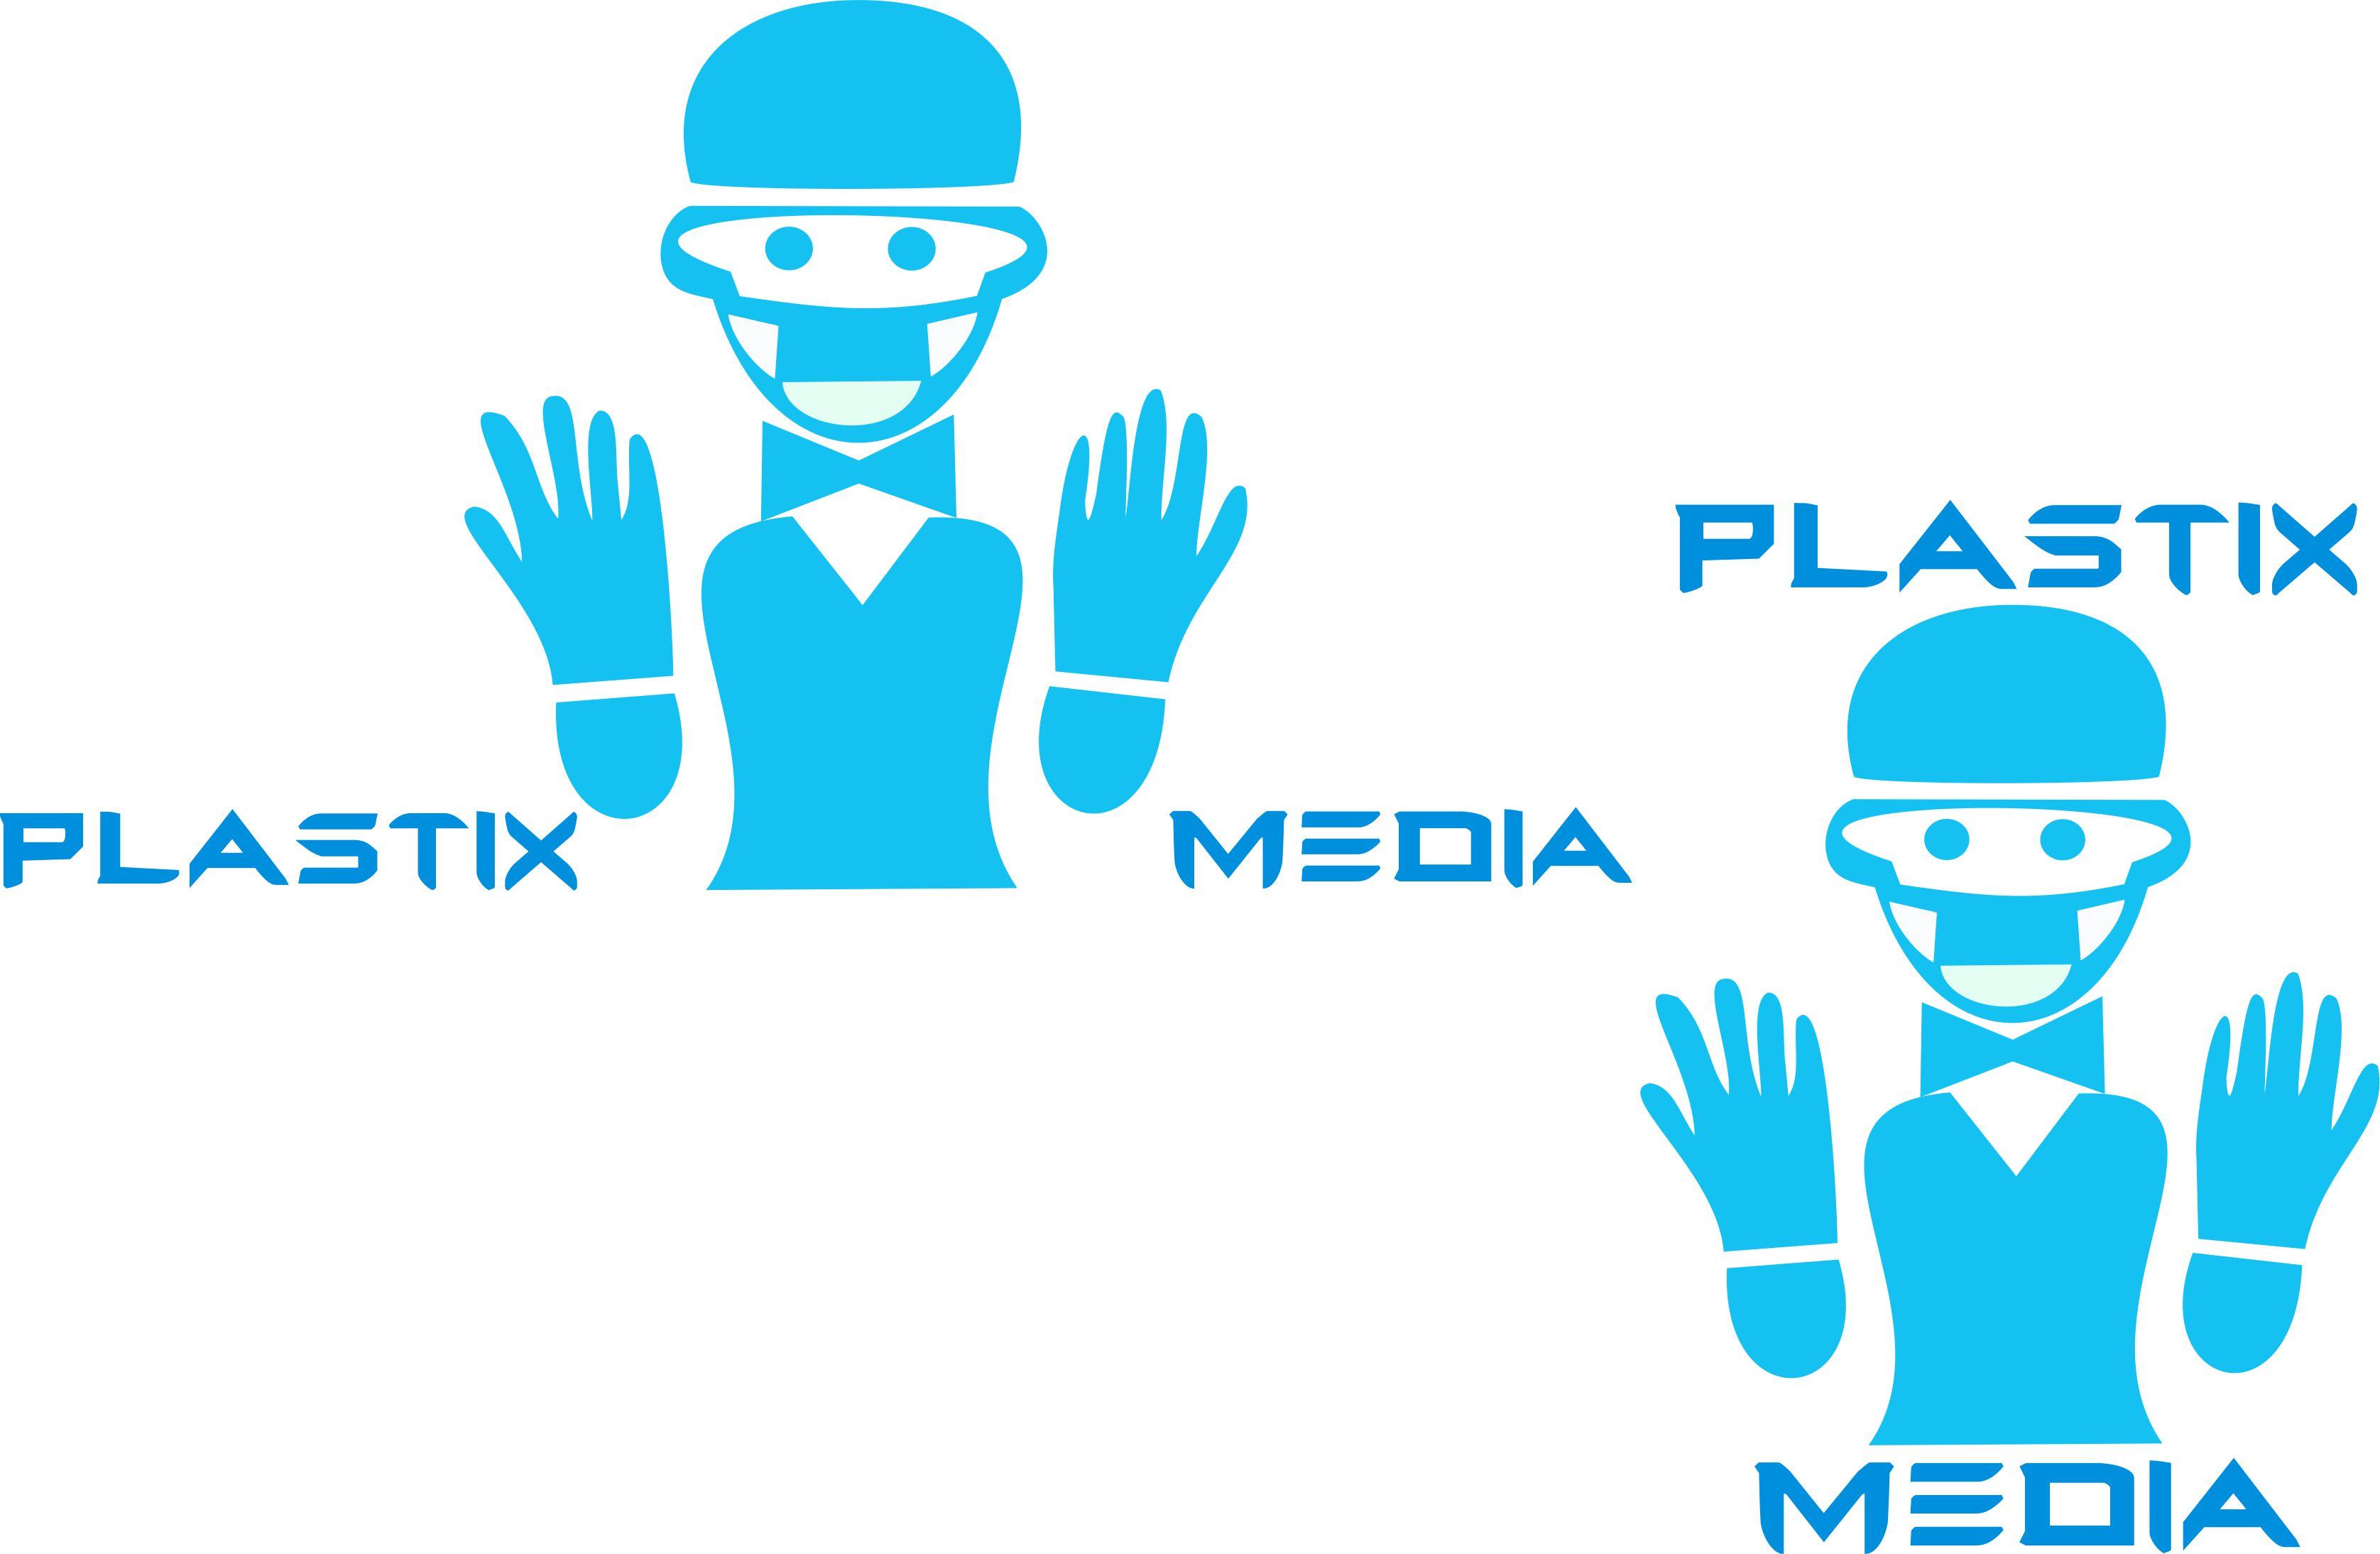 Разработка пакета айдентики Plastix.Media фото f_003598a897e5f52d.jpg